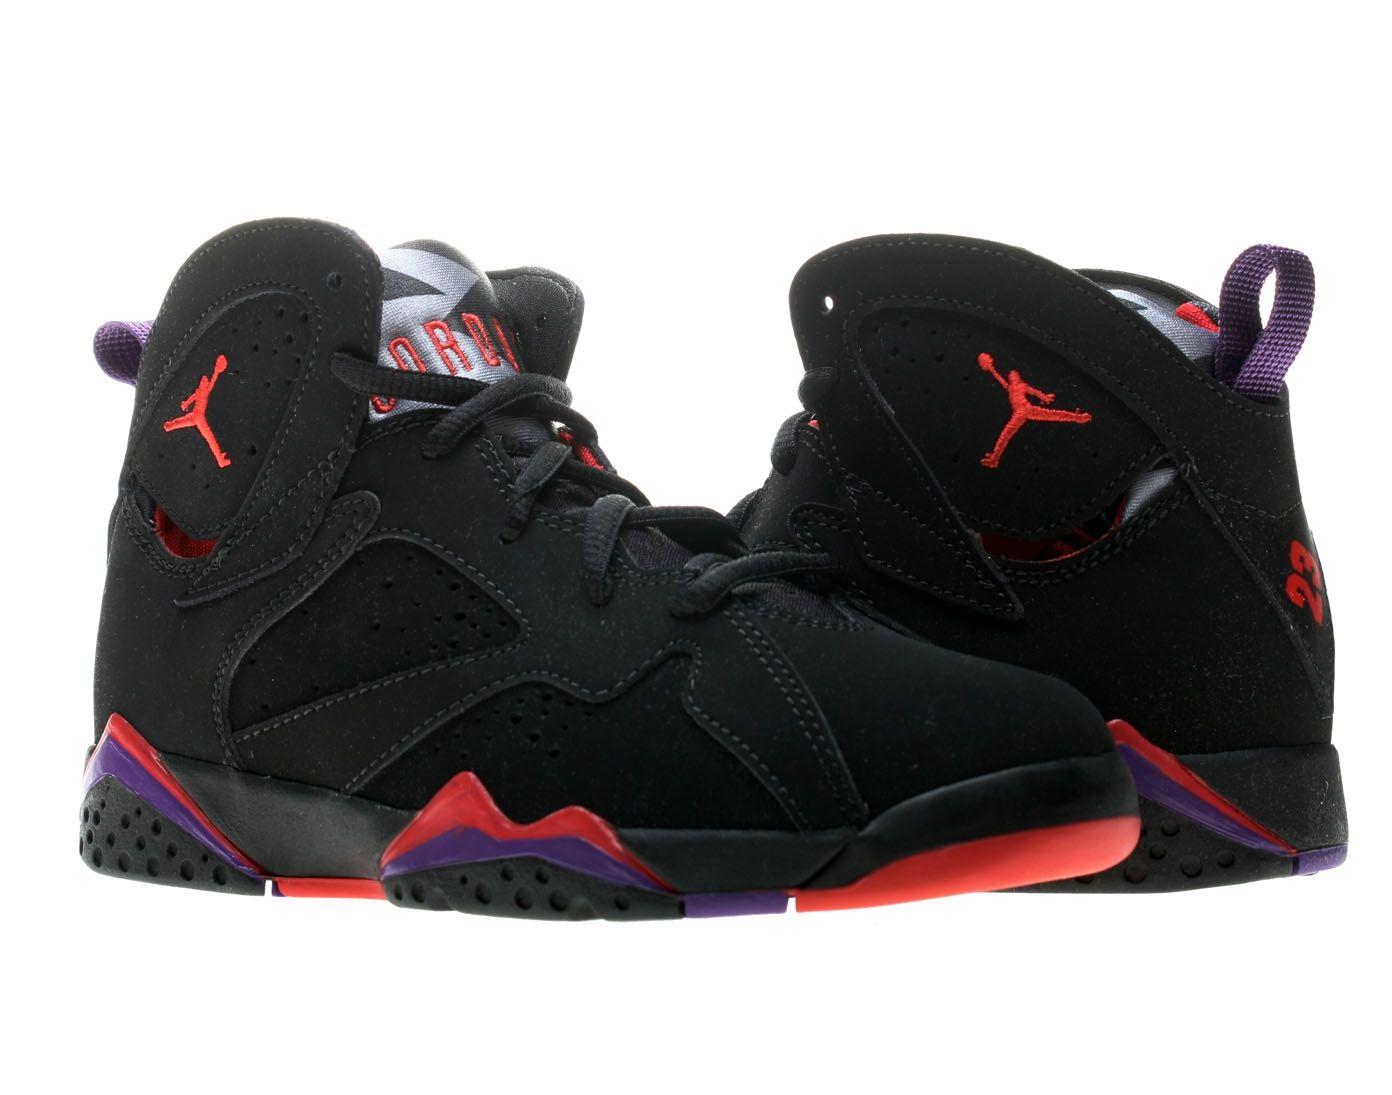 nike jordan shoes boys 7 763068